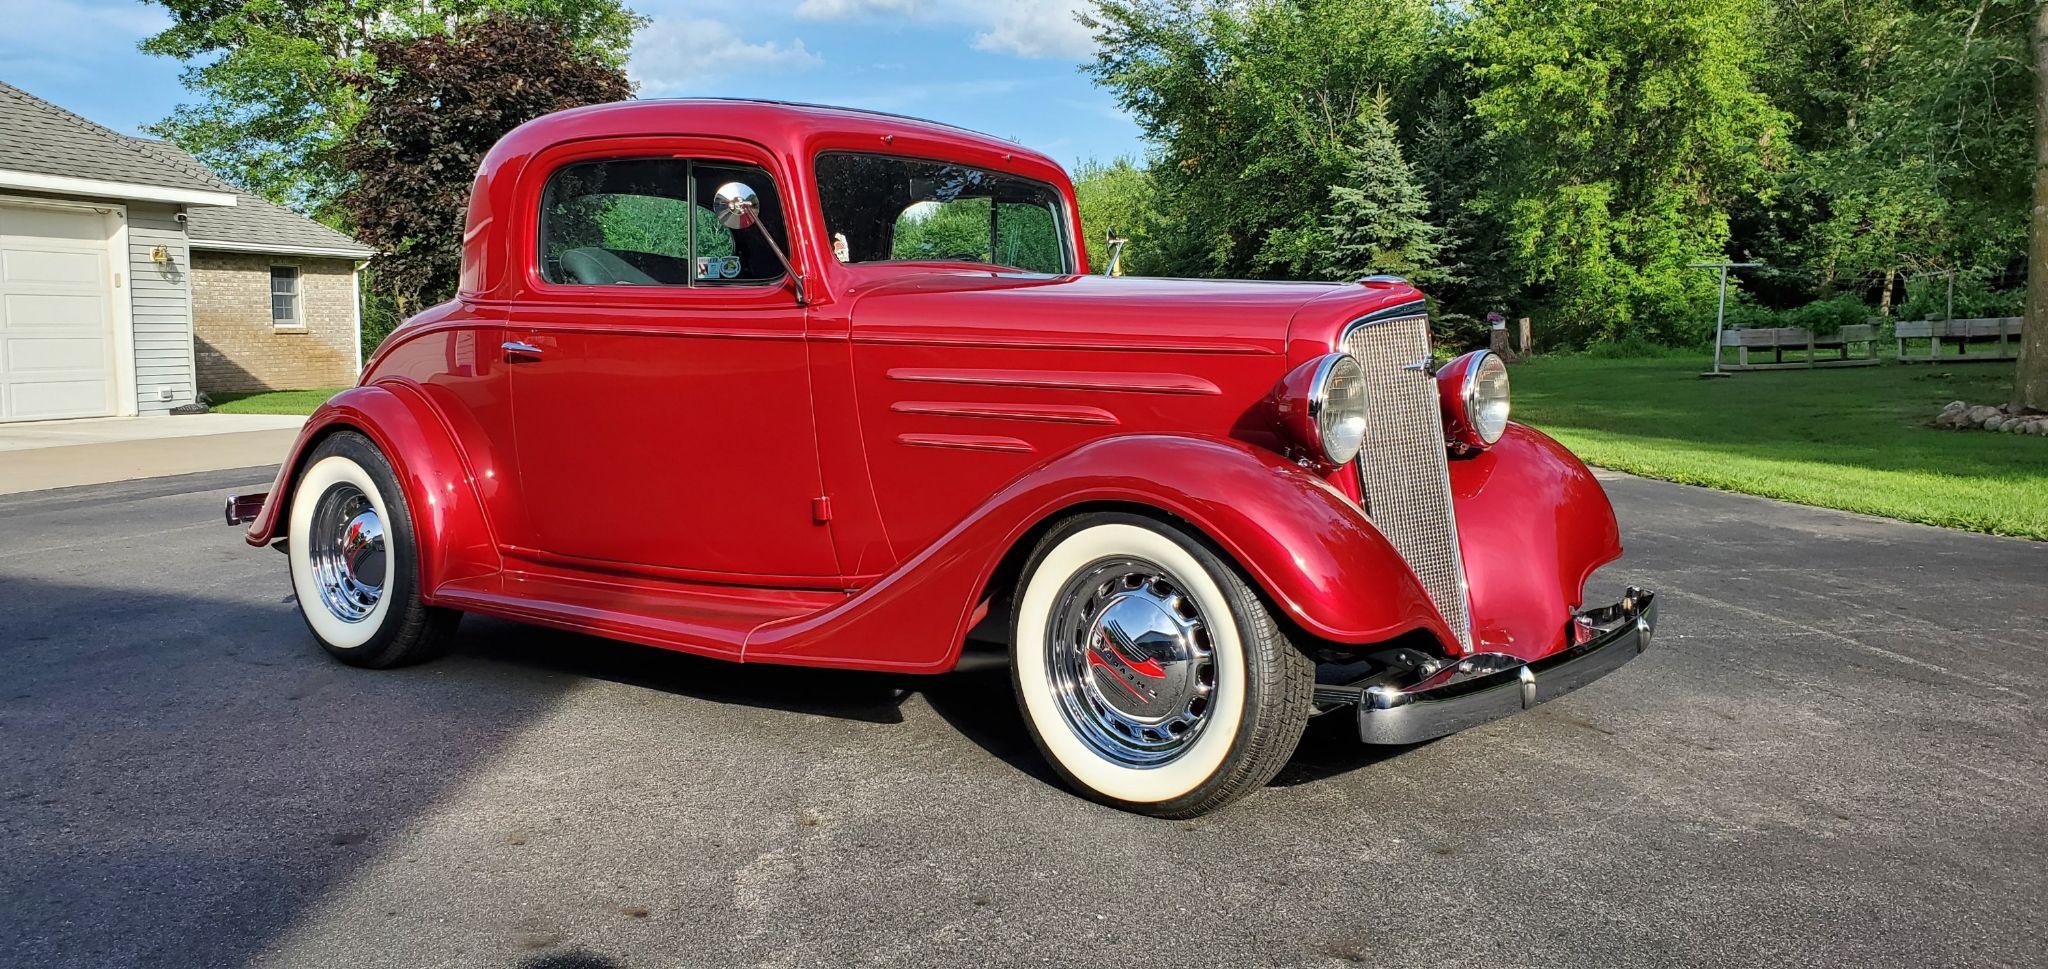 1935 CHEVROLET 3 WINDOW